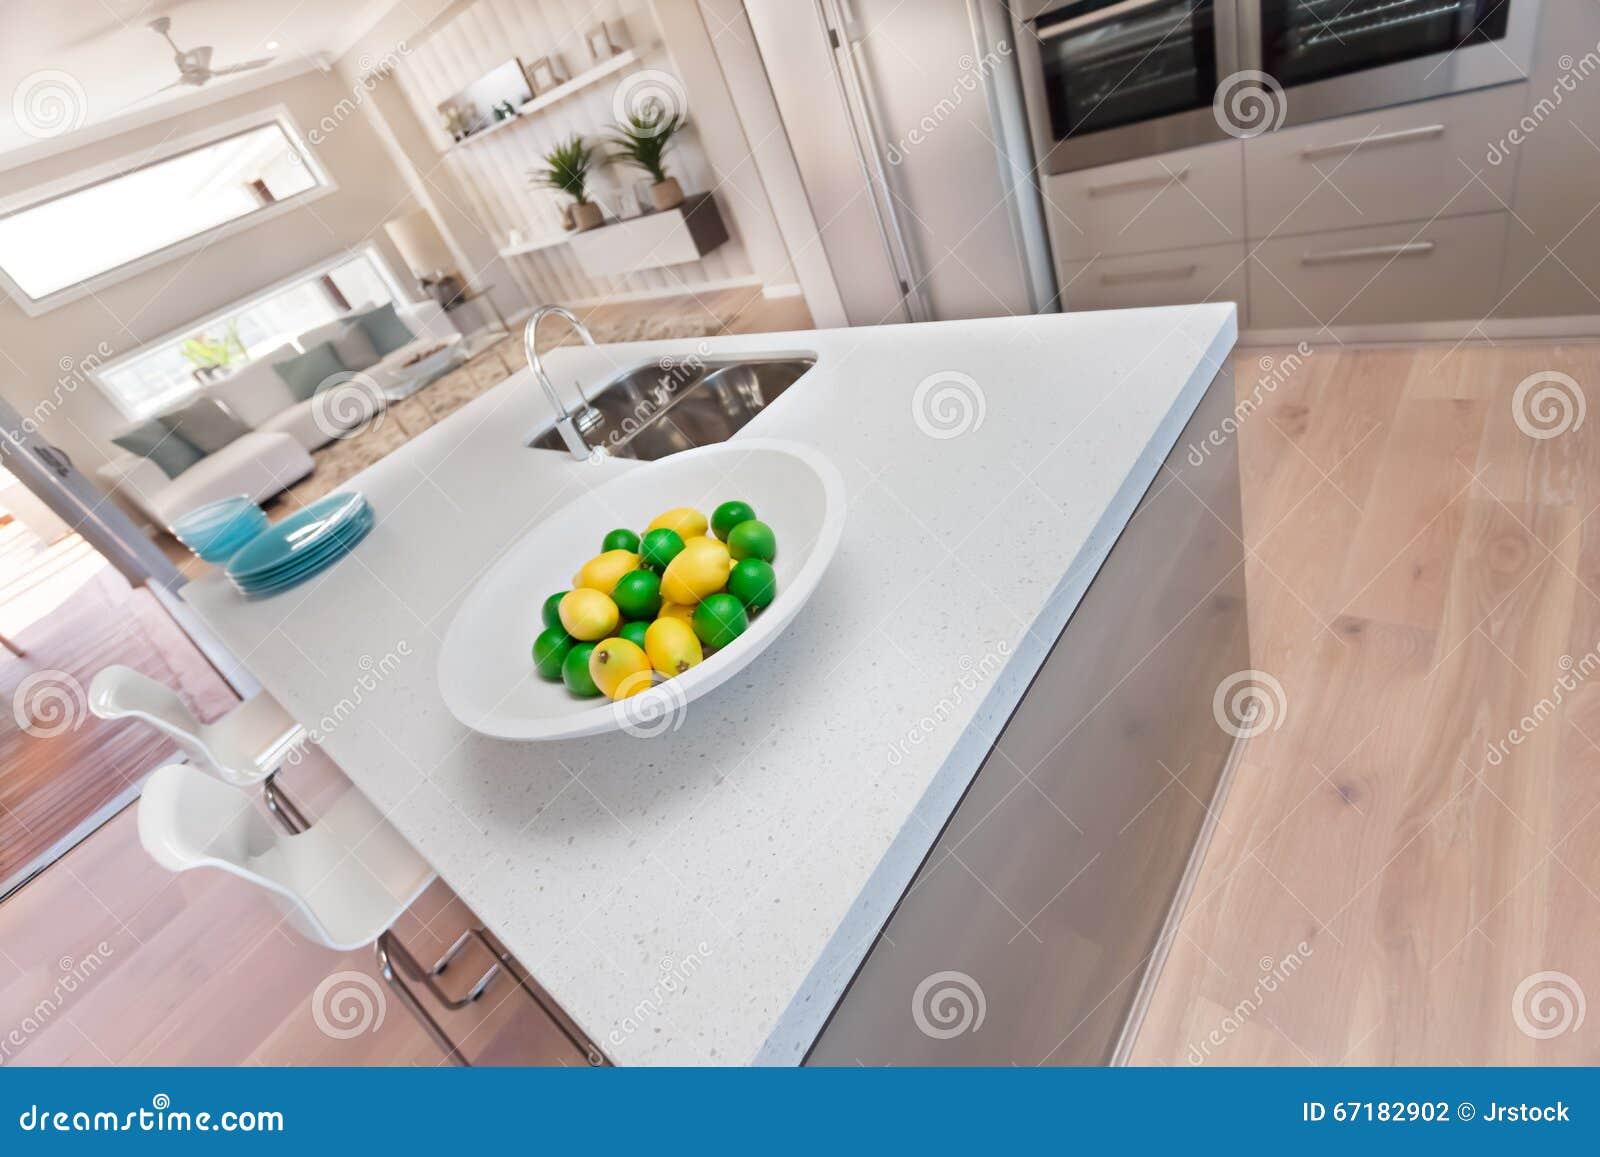 Citron på den vita plattan i det moderna köket